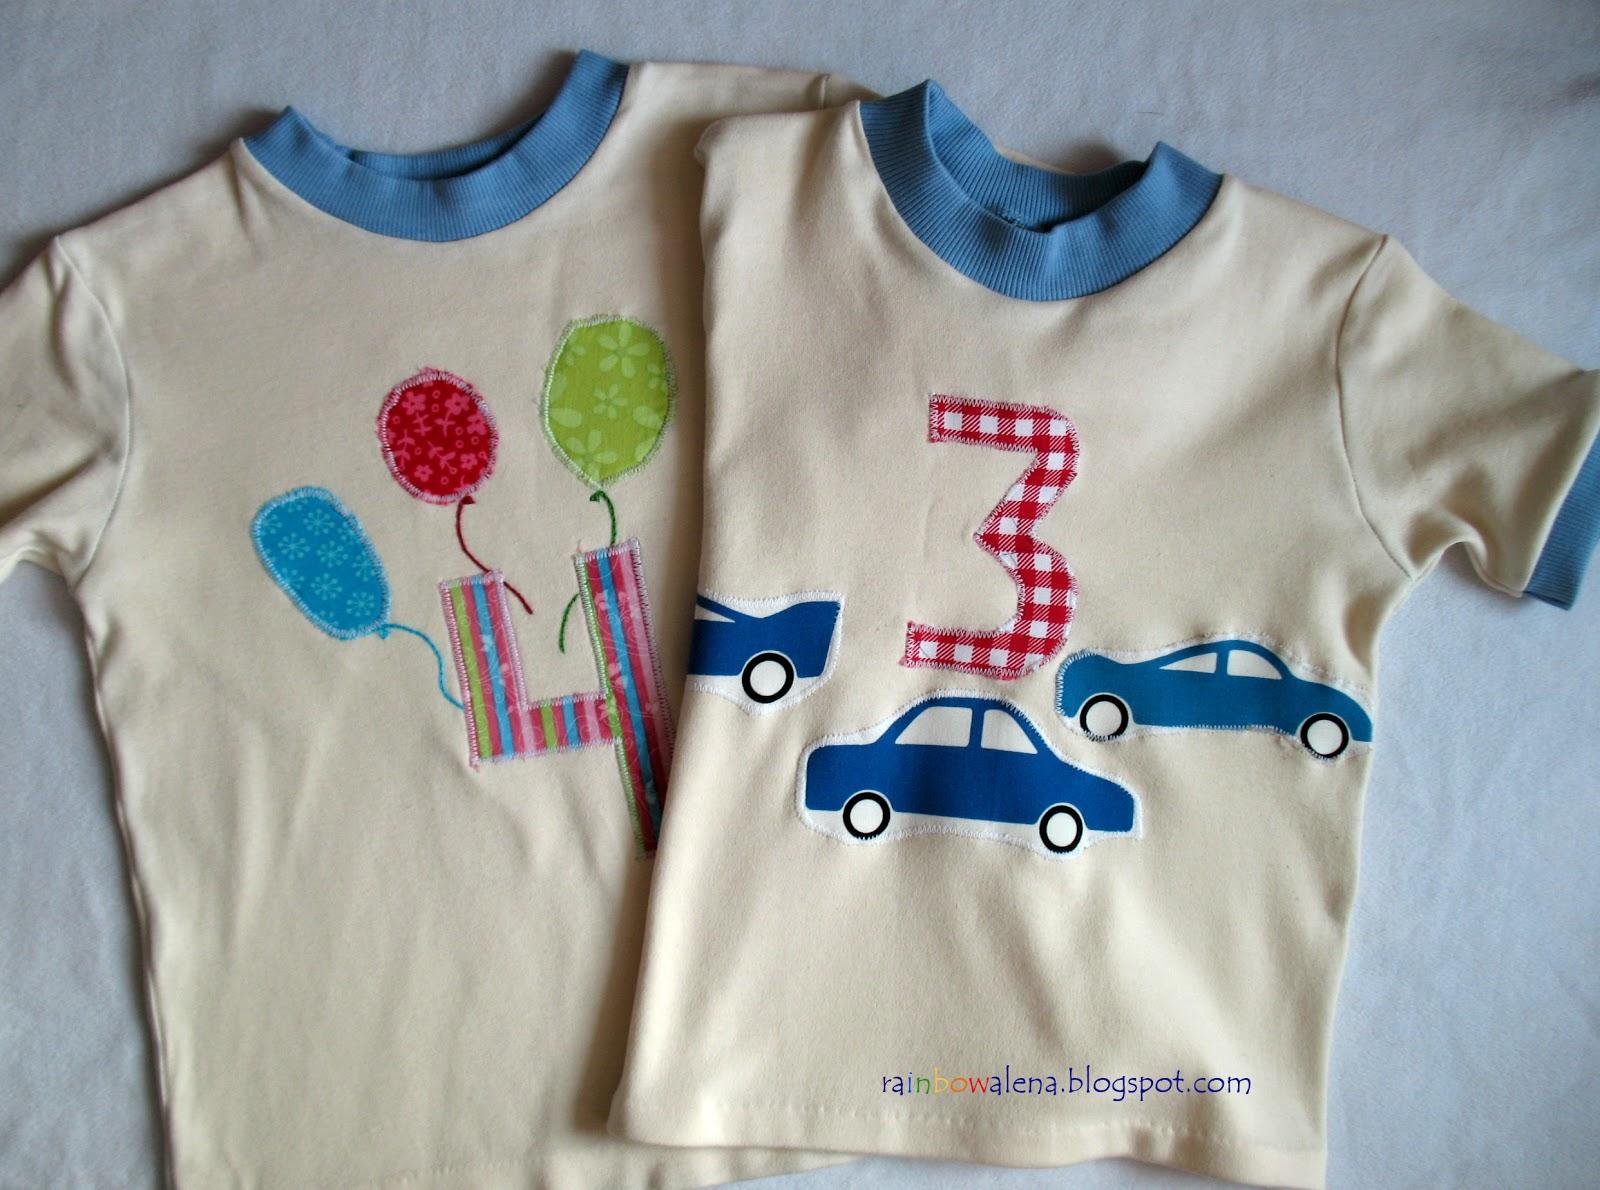 Детская футболка из хлопка своими руками 68